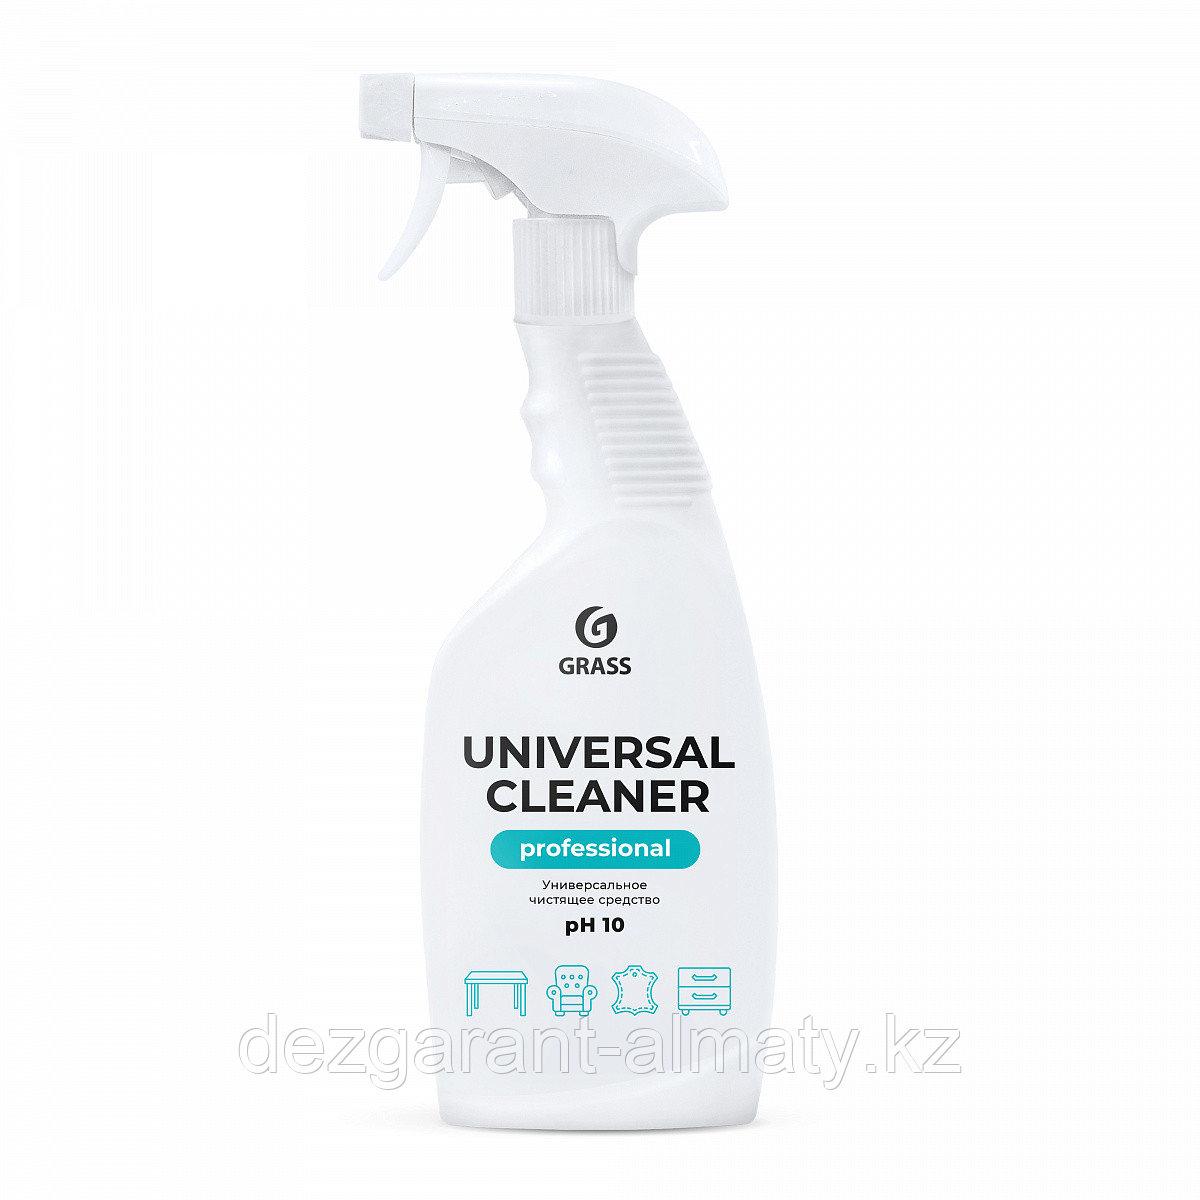 Универсальное чистящее средство Universal Cleaner Professional 600 мл